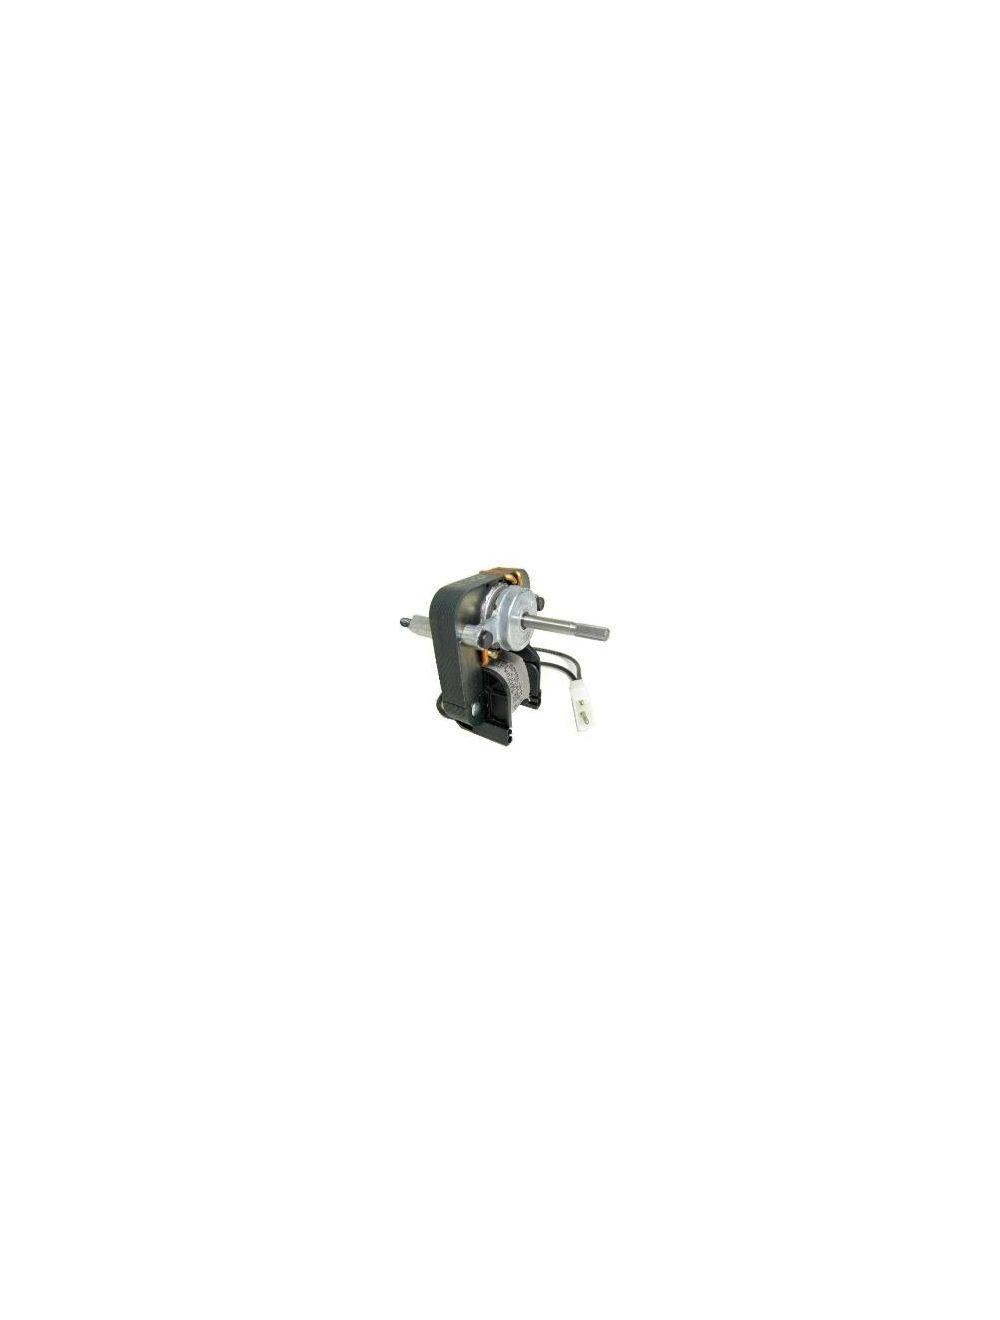 bathroom exhaust fan motor 75 cfm dexter bcd0390 for v2244 v2262